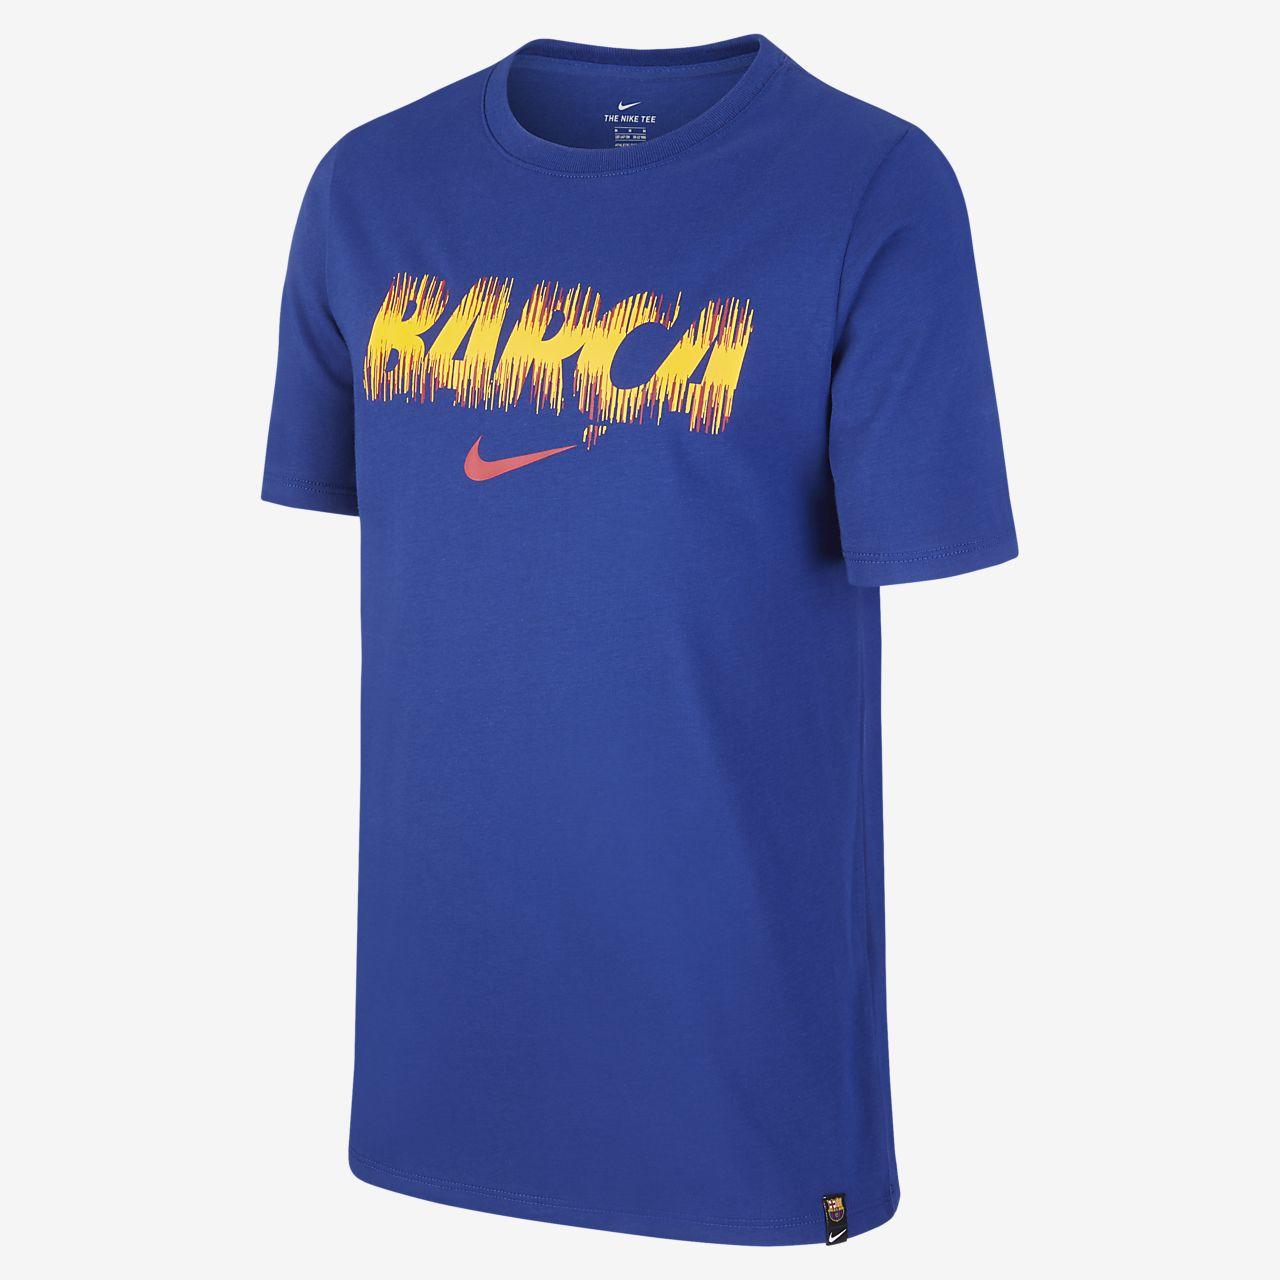 FC Barcelona Dri-FIT Older Kids' (Boys') T-Shirt